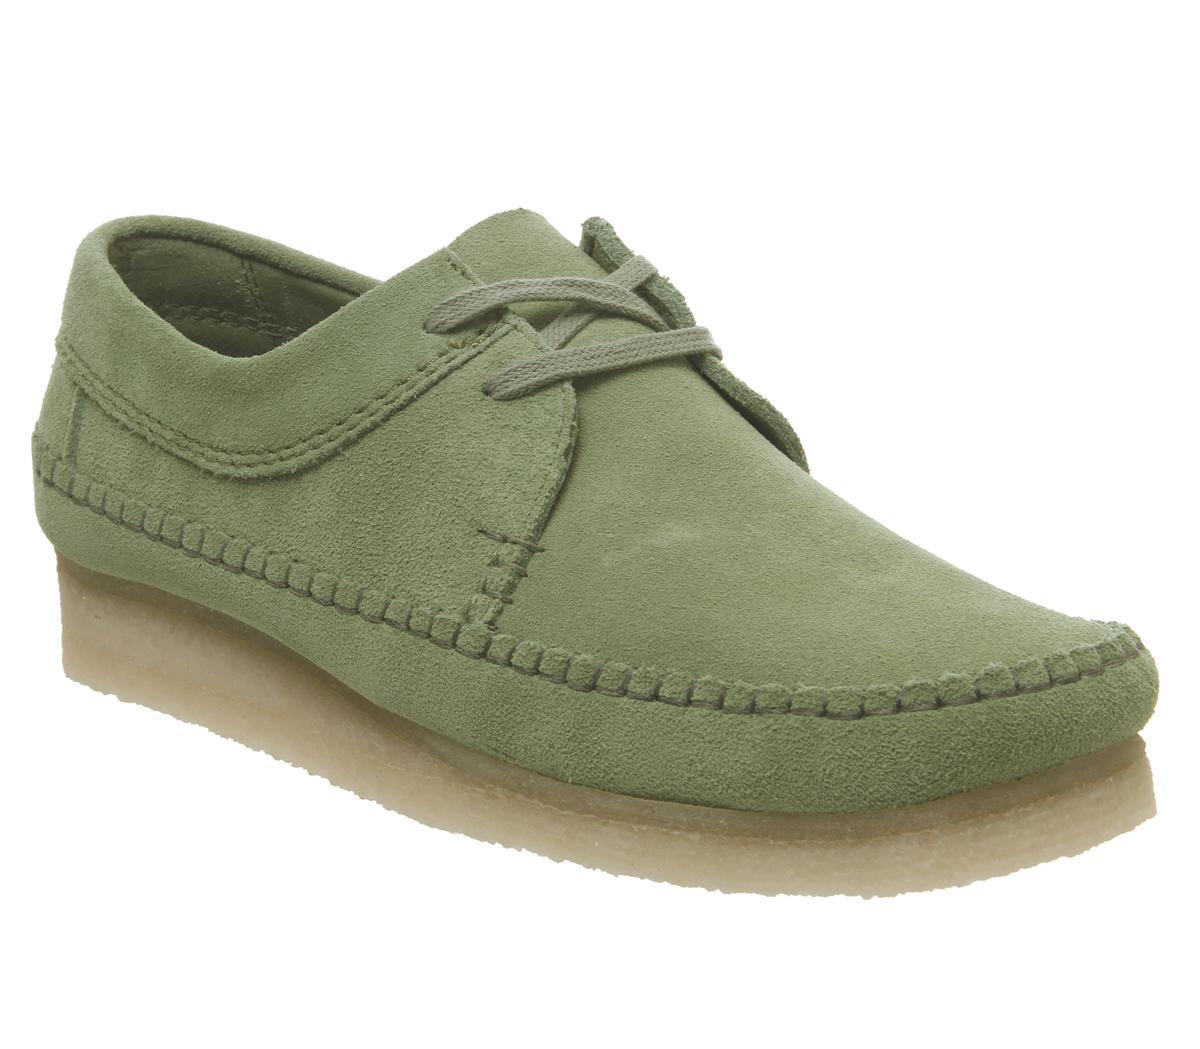 Weaver Shoes